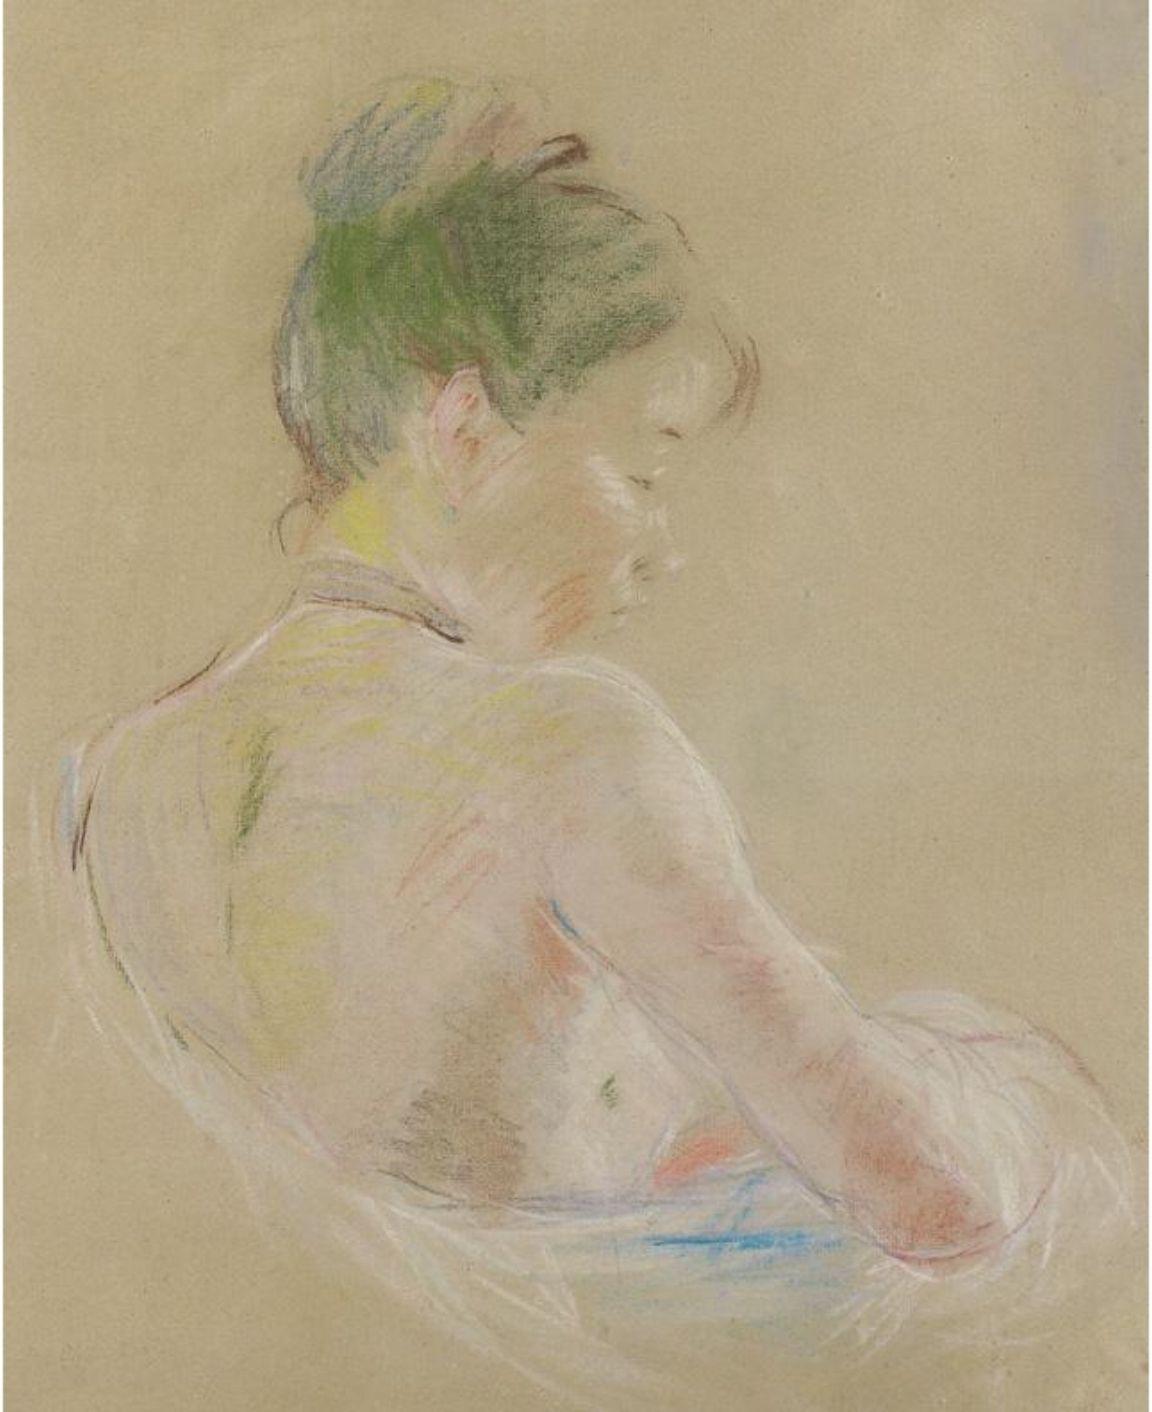 Épinglé sur Berthe Morisot